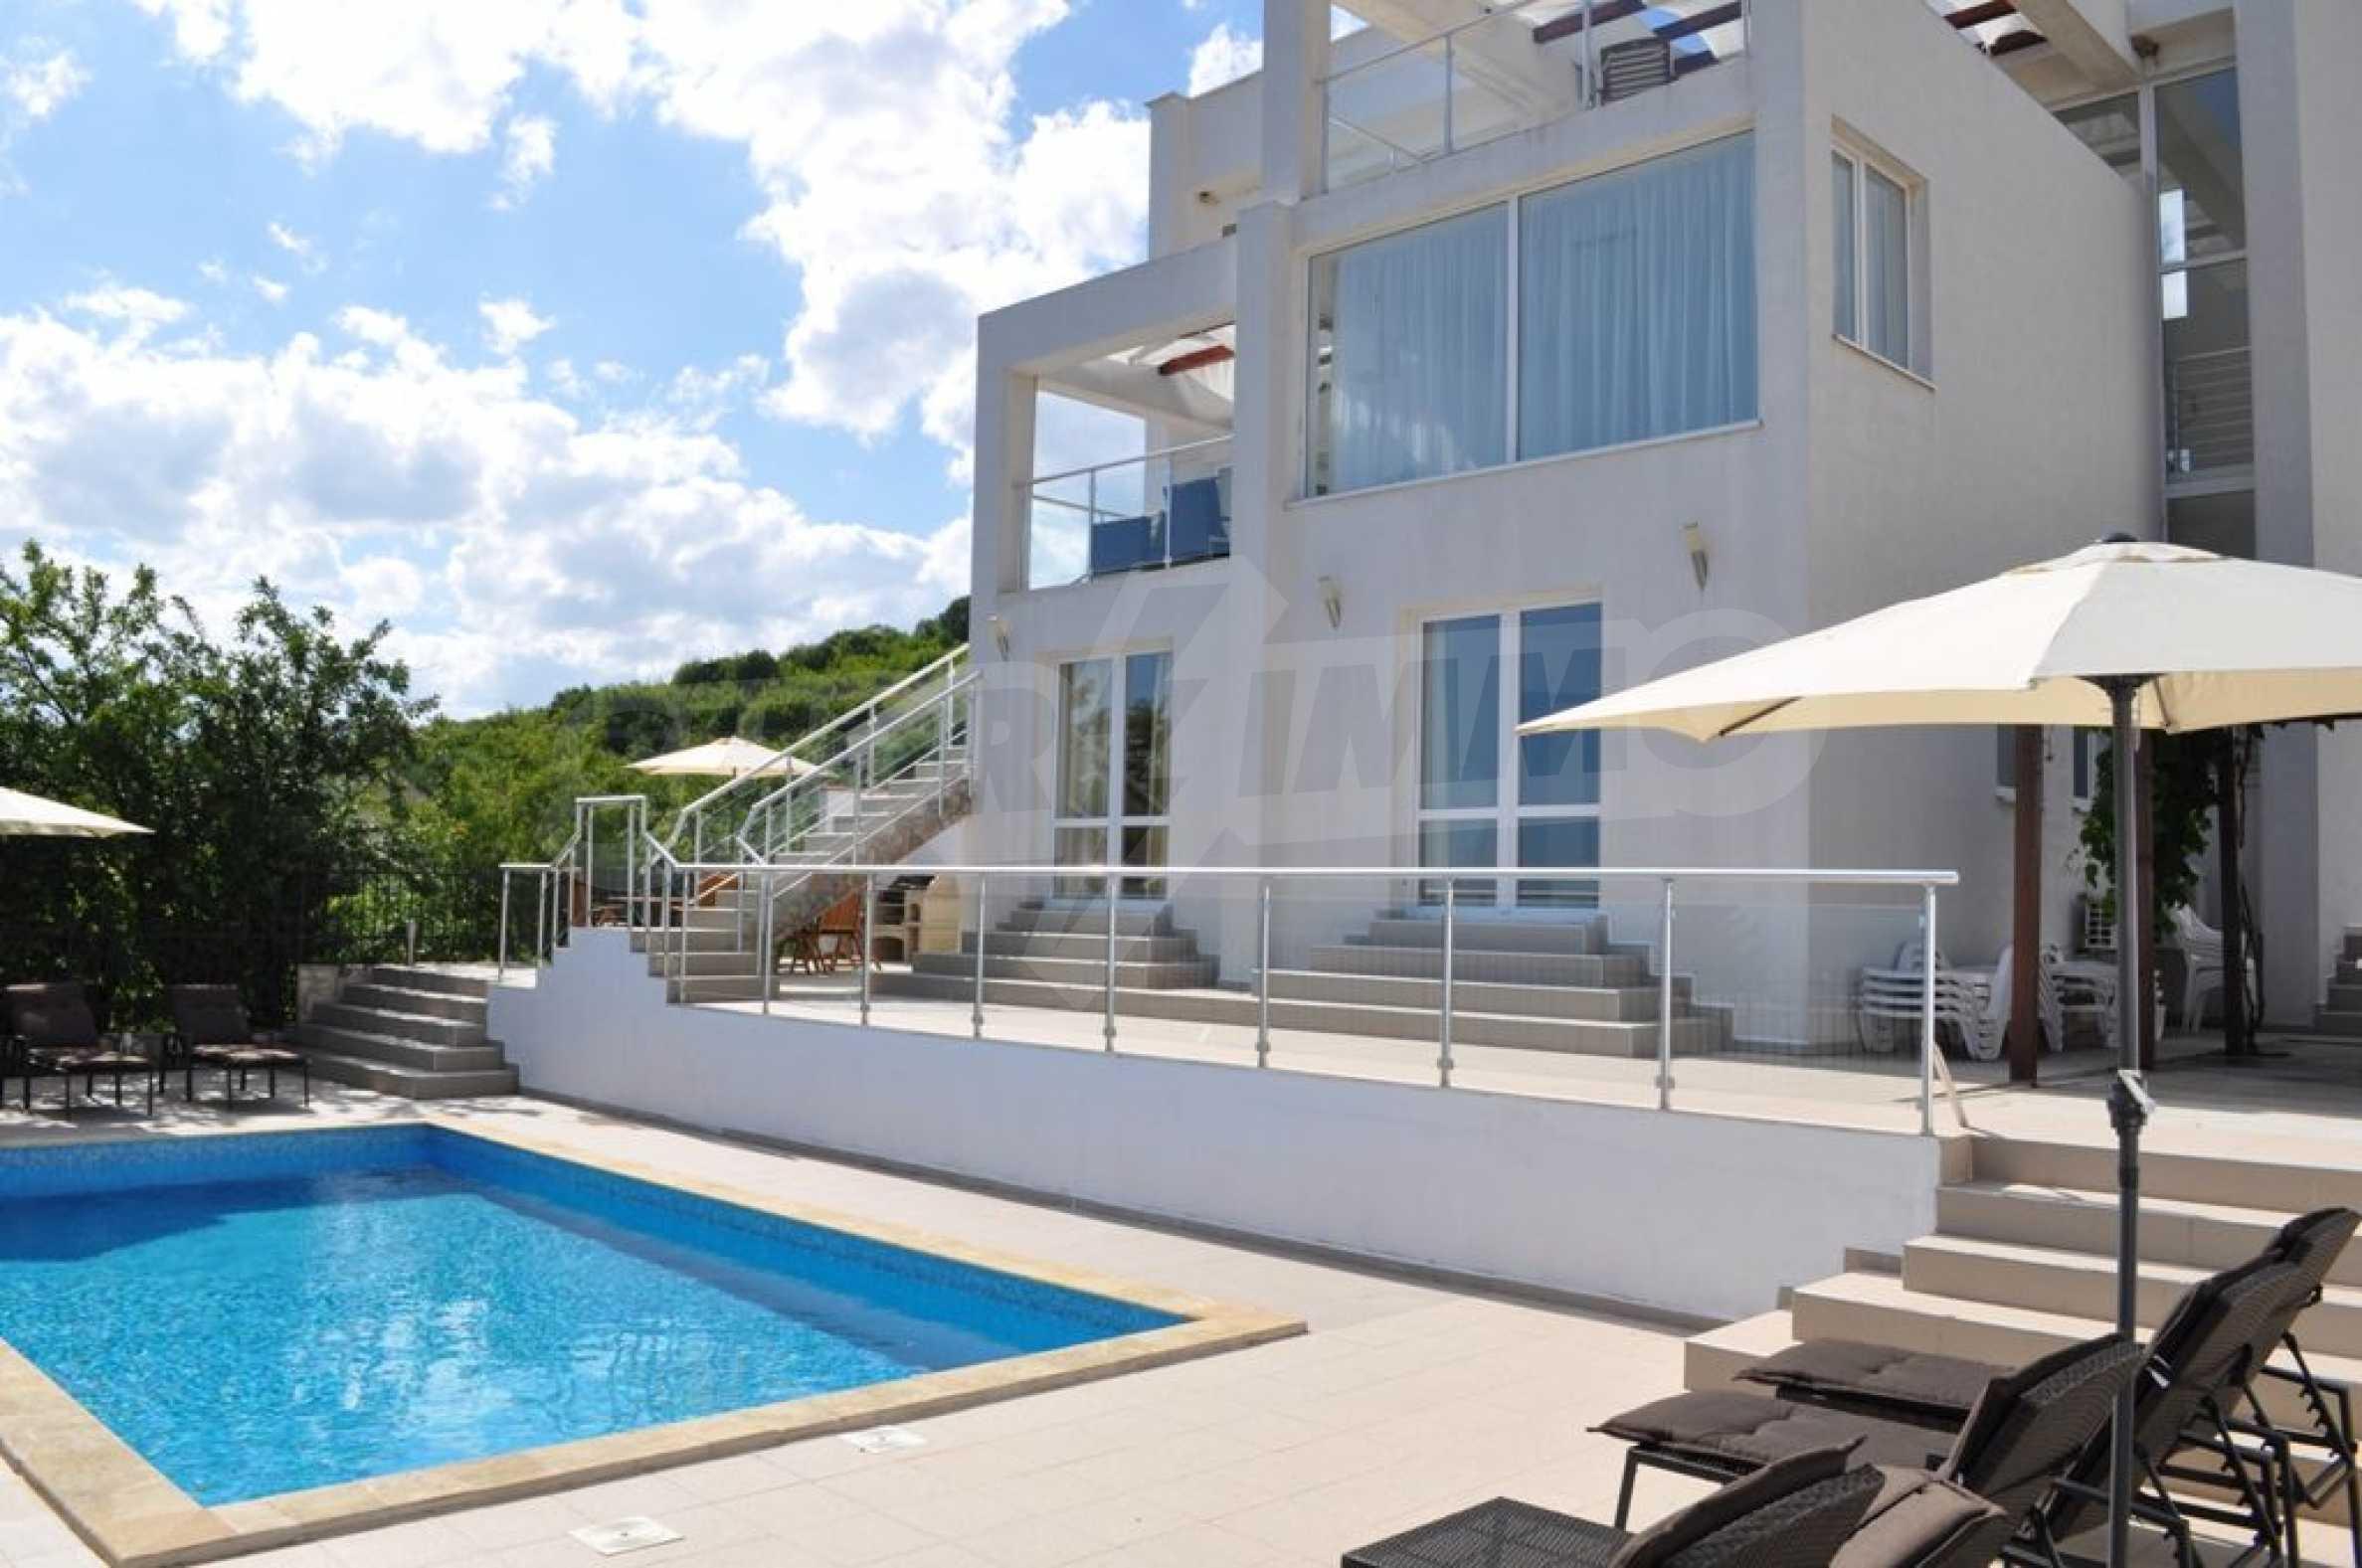 Luxusvilla mit 4 Schlafzimmern zu vermieten in der Nähe des Resorts. Albena